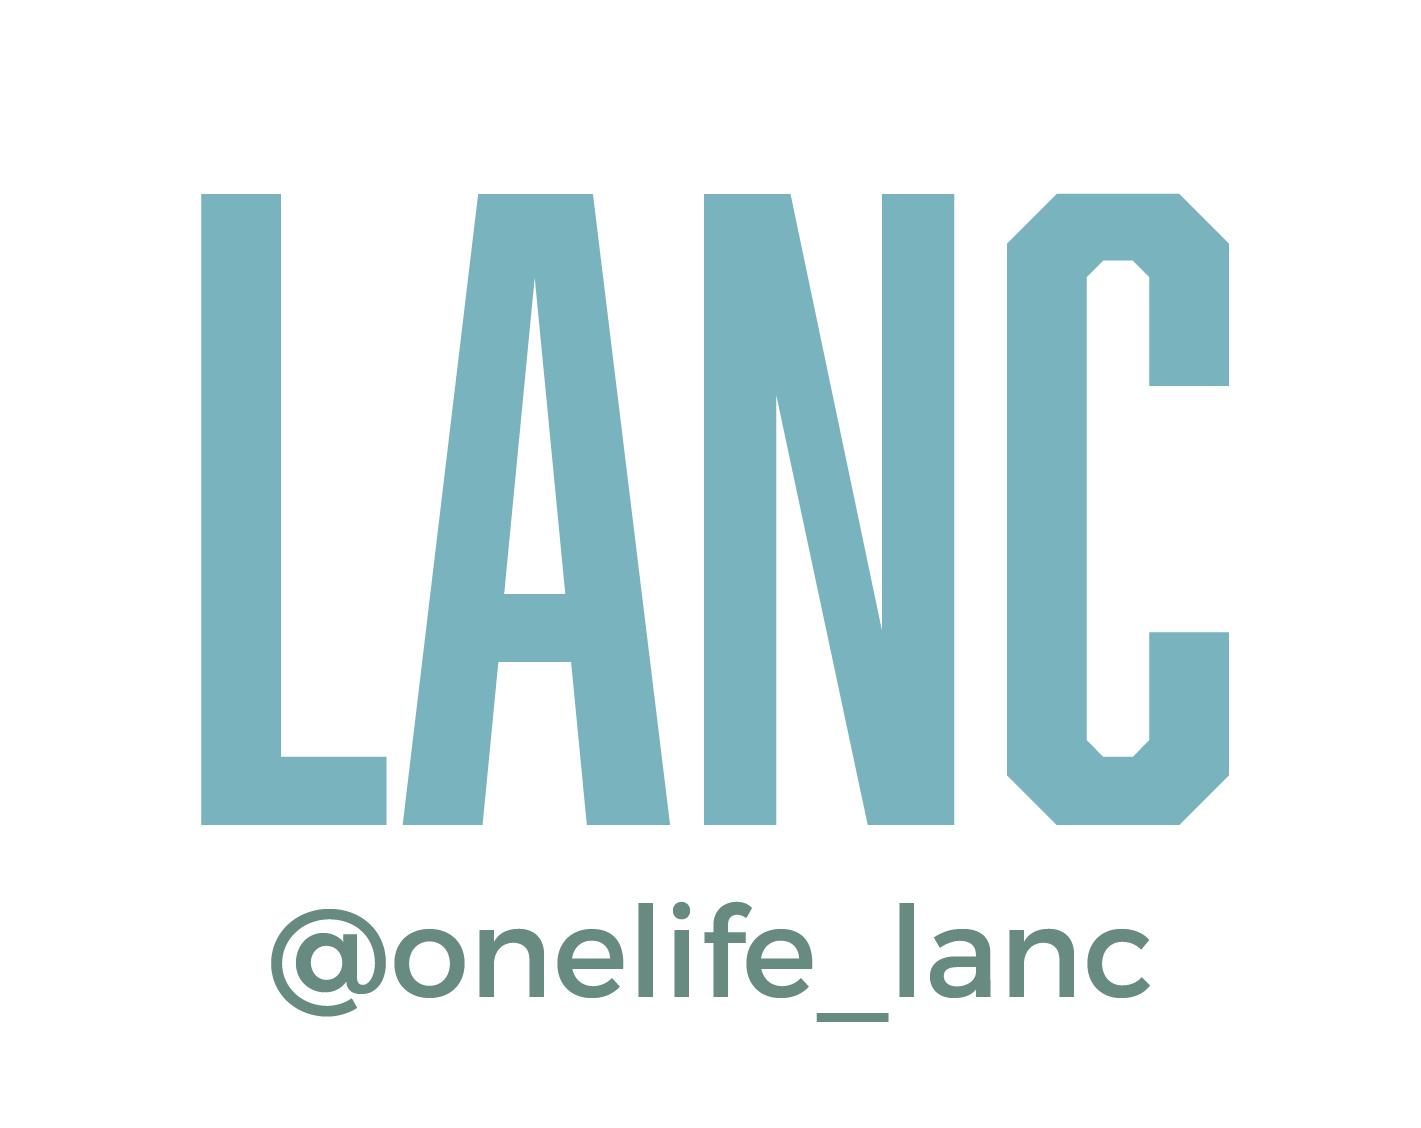 OneLife-website-ideas-10.jpg